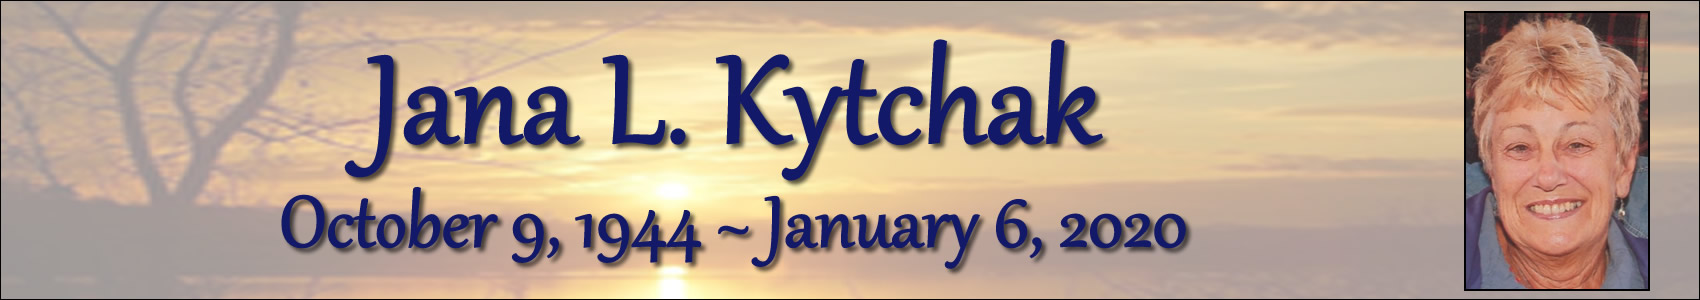 jkytchak_obit_header